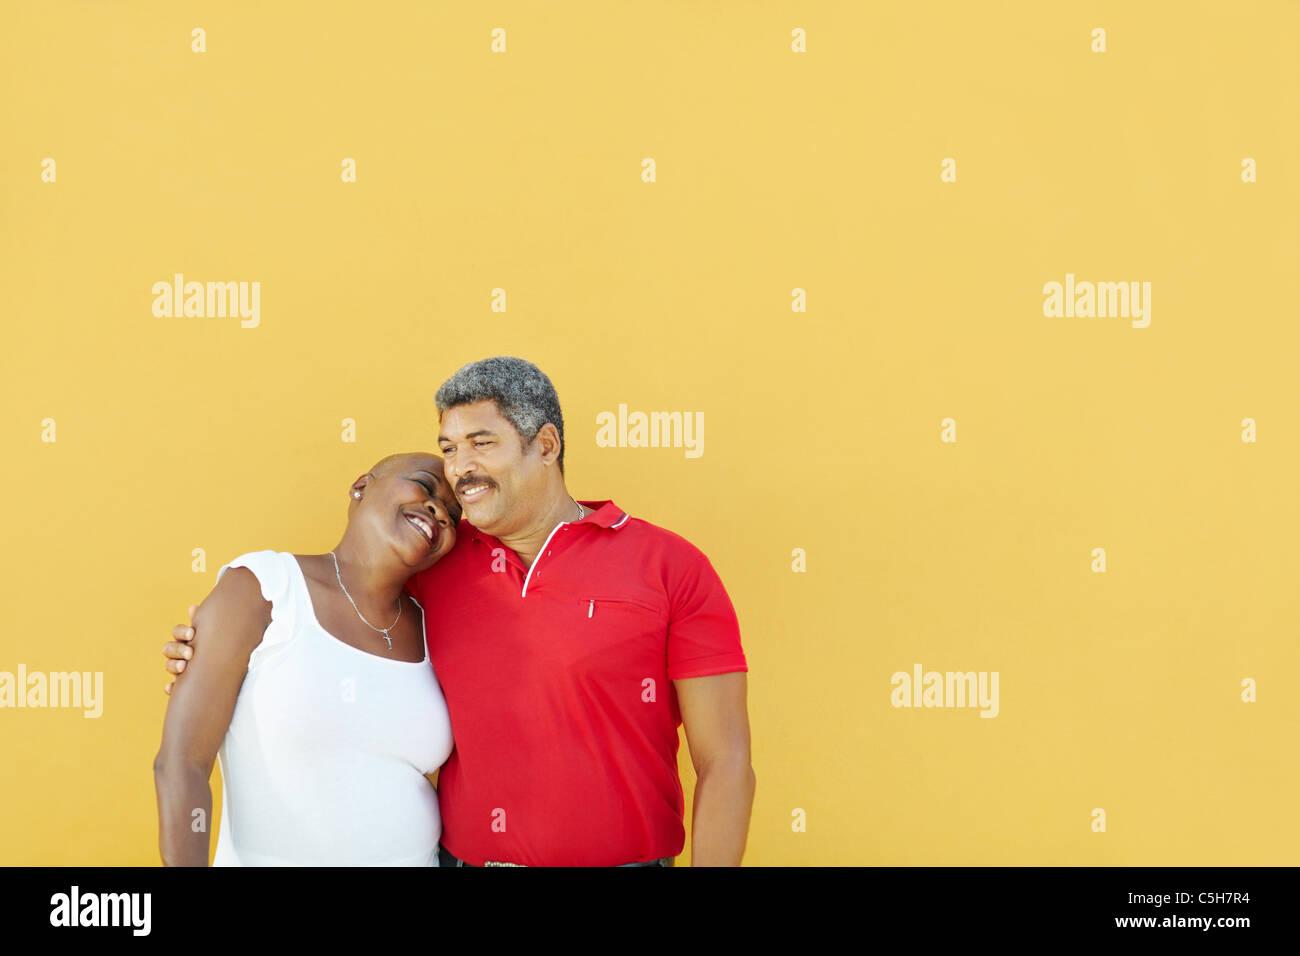 América Latina madura pareja abrazarse y sonriente con pared amarilla en el fondo. Cintura para arriba, el Imagen De Stock